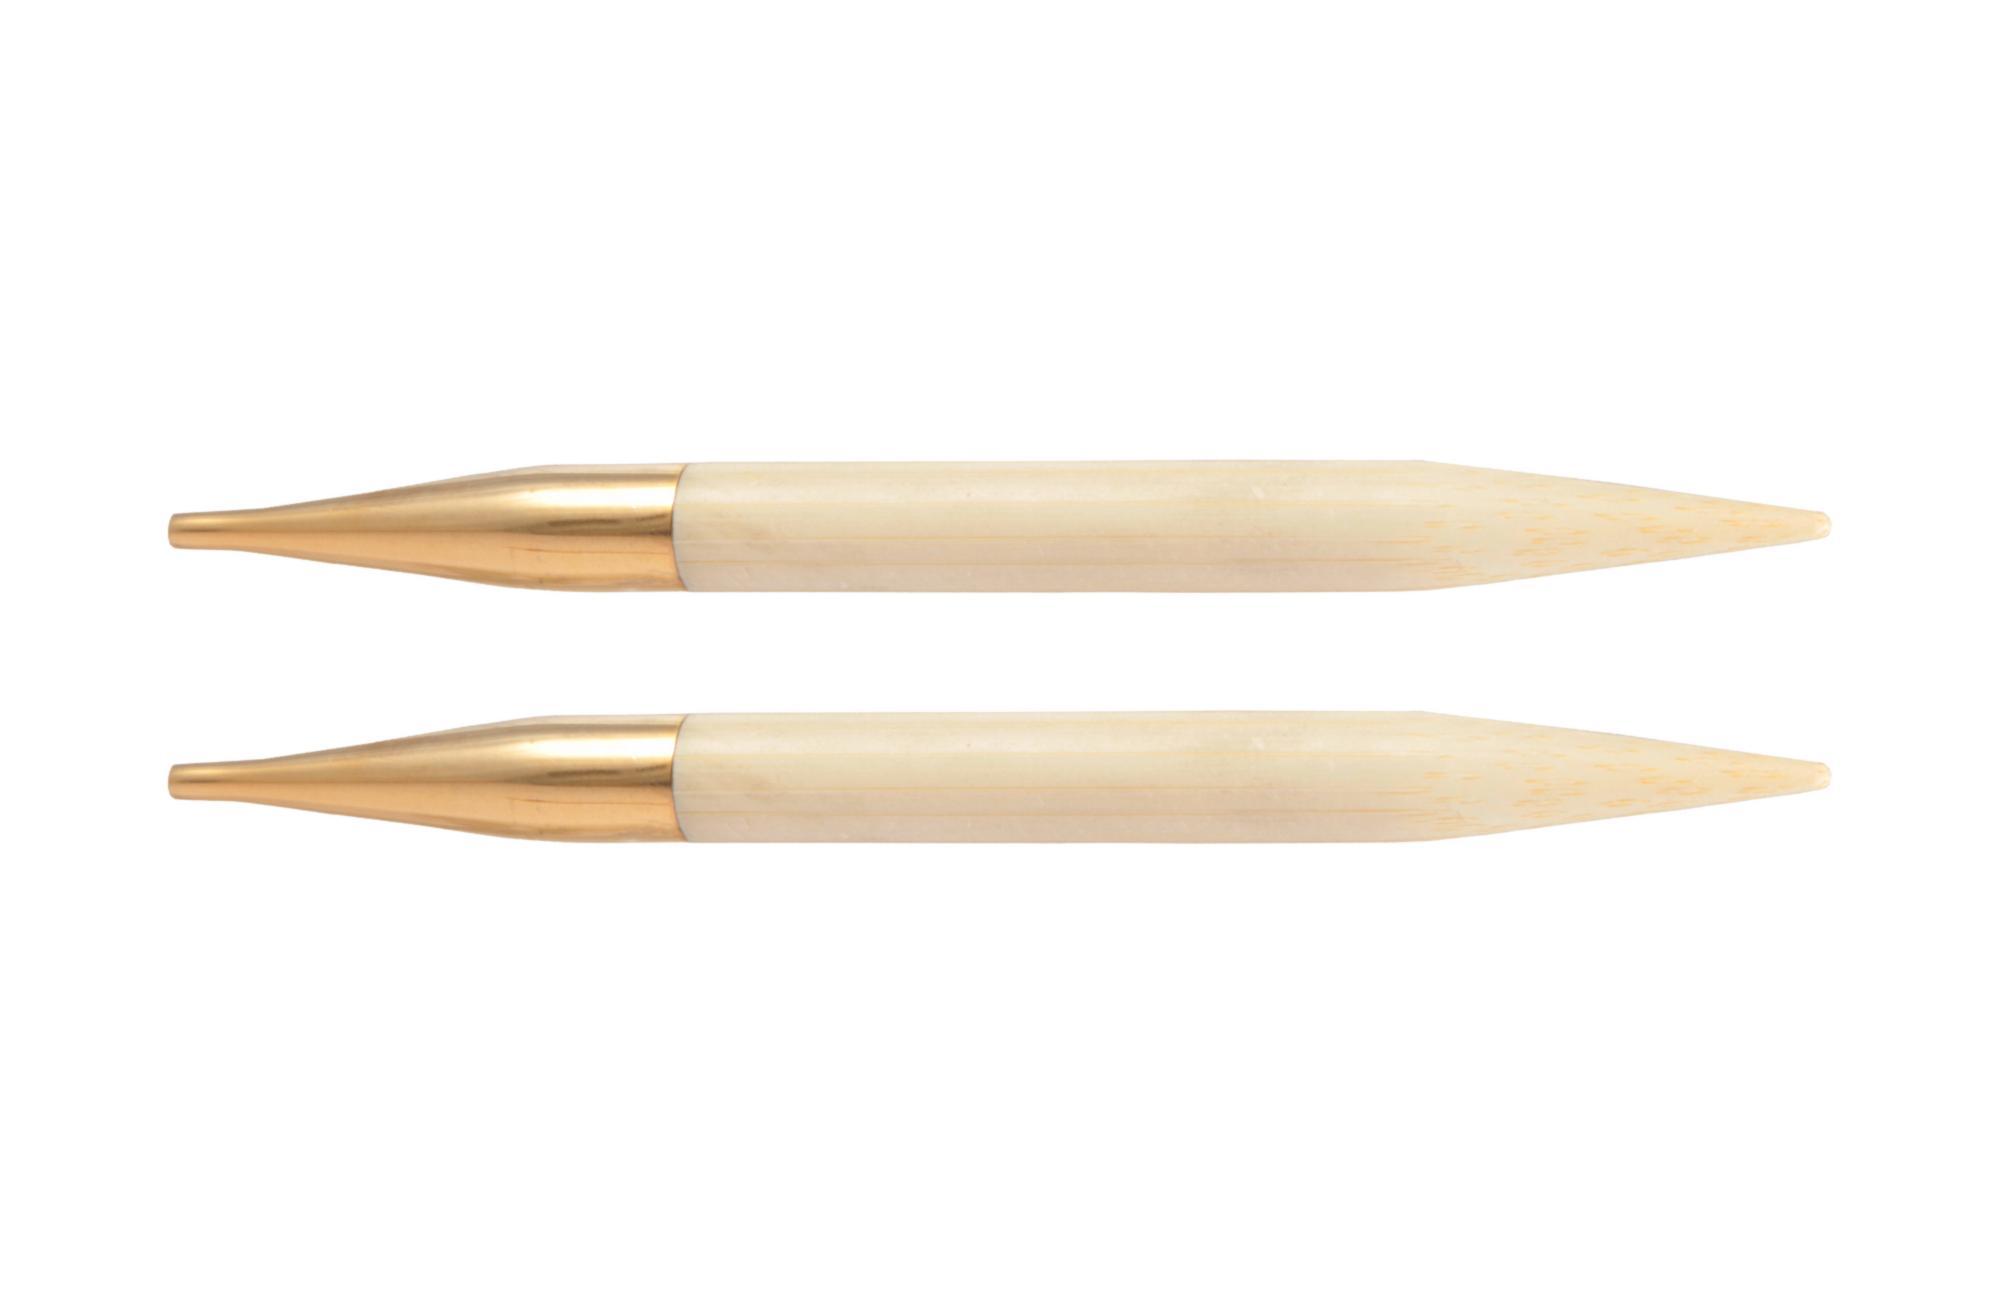 Спицы съёмные Bamboo KnitPro, 22408, 6.50 мм